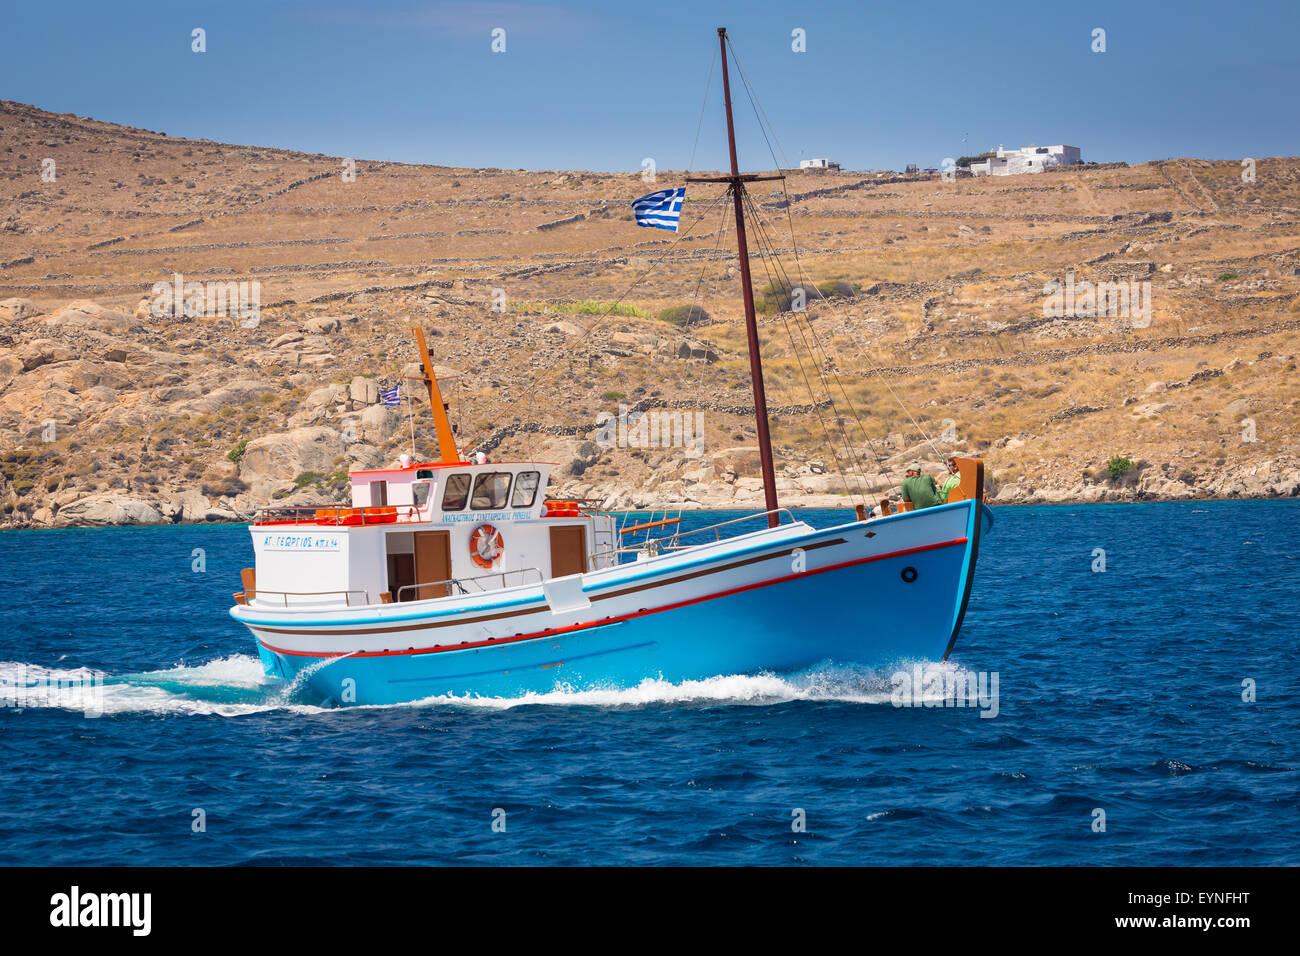 Greek boat in the Aegean Sea near the island of Delos - Stock Image